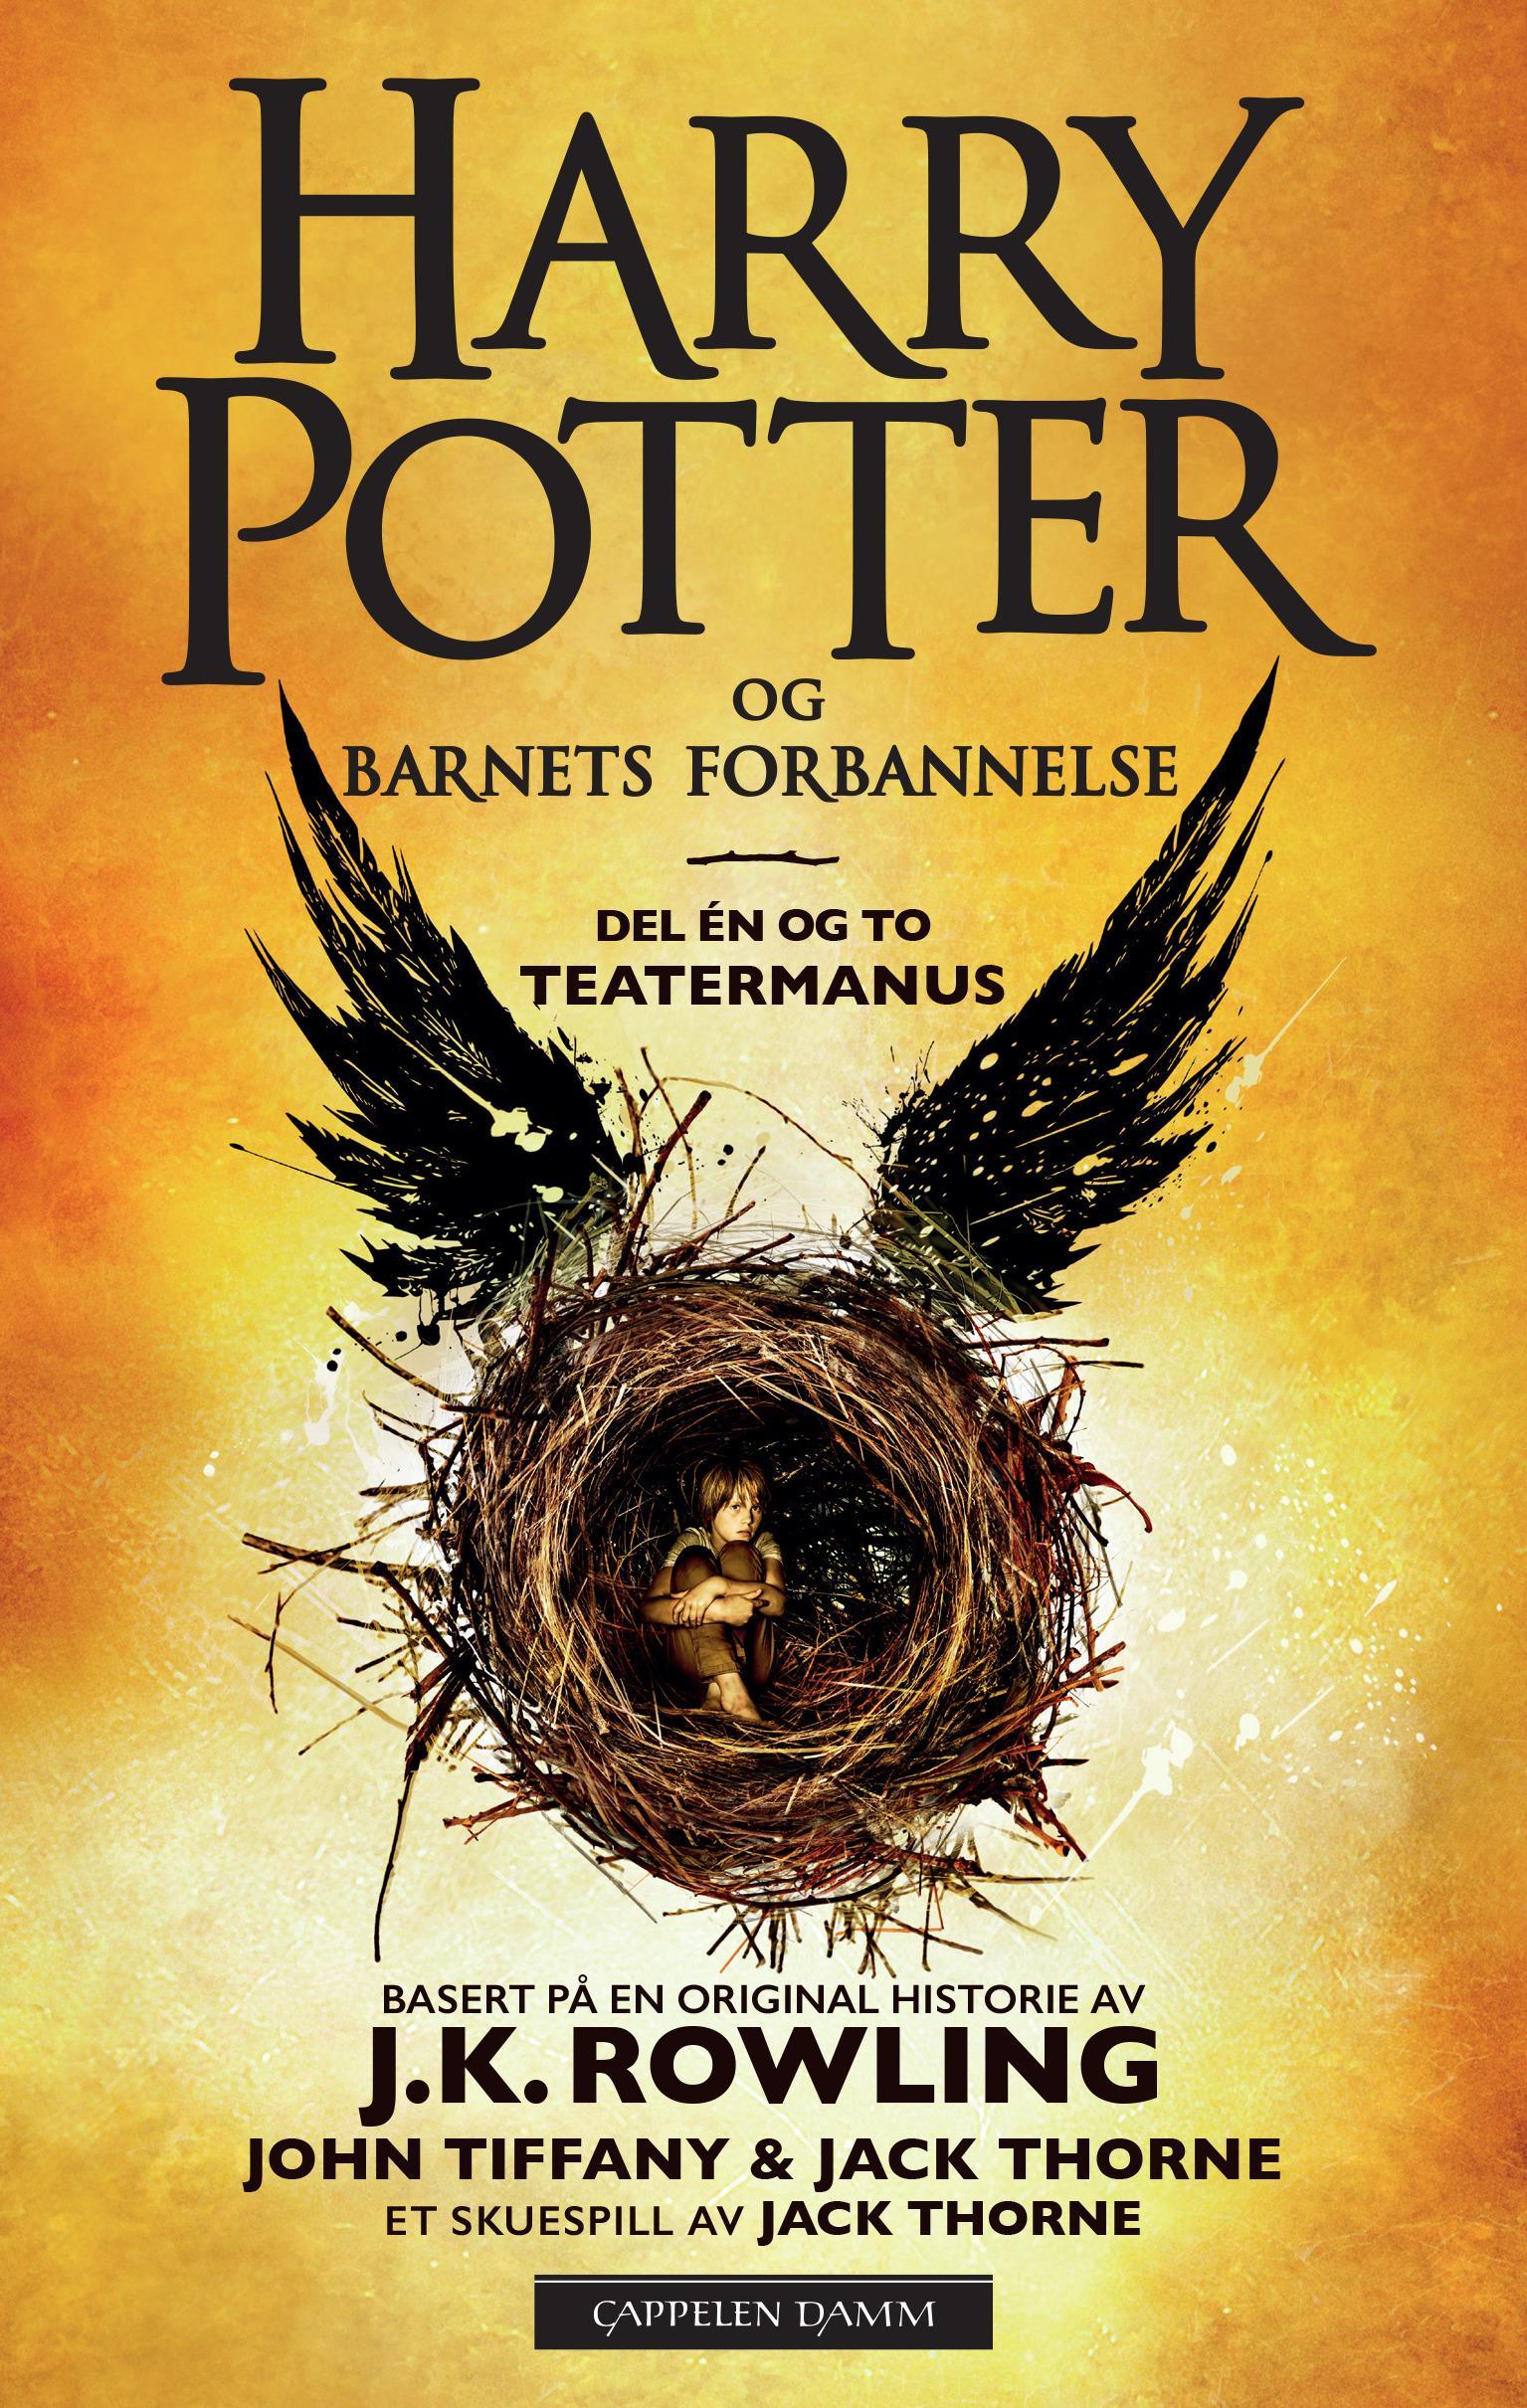 """""""Harry Potter og barnets forbannelse - del én og to"""" av Jack Thorne"""